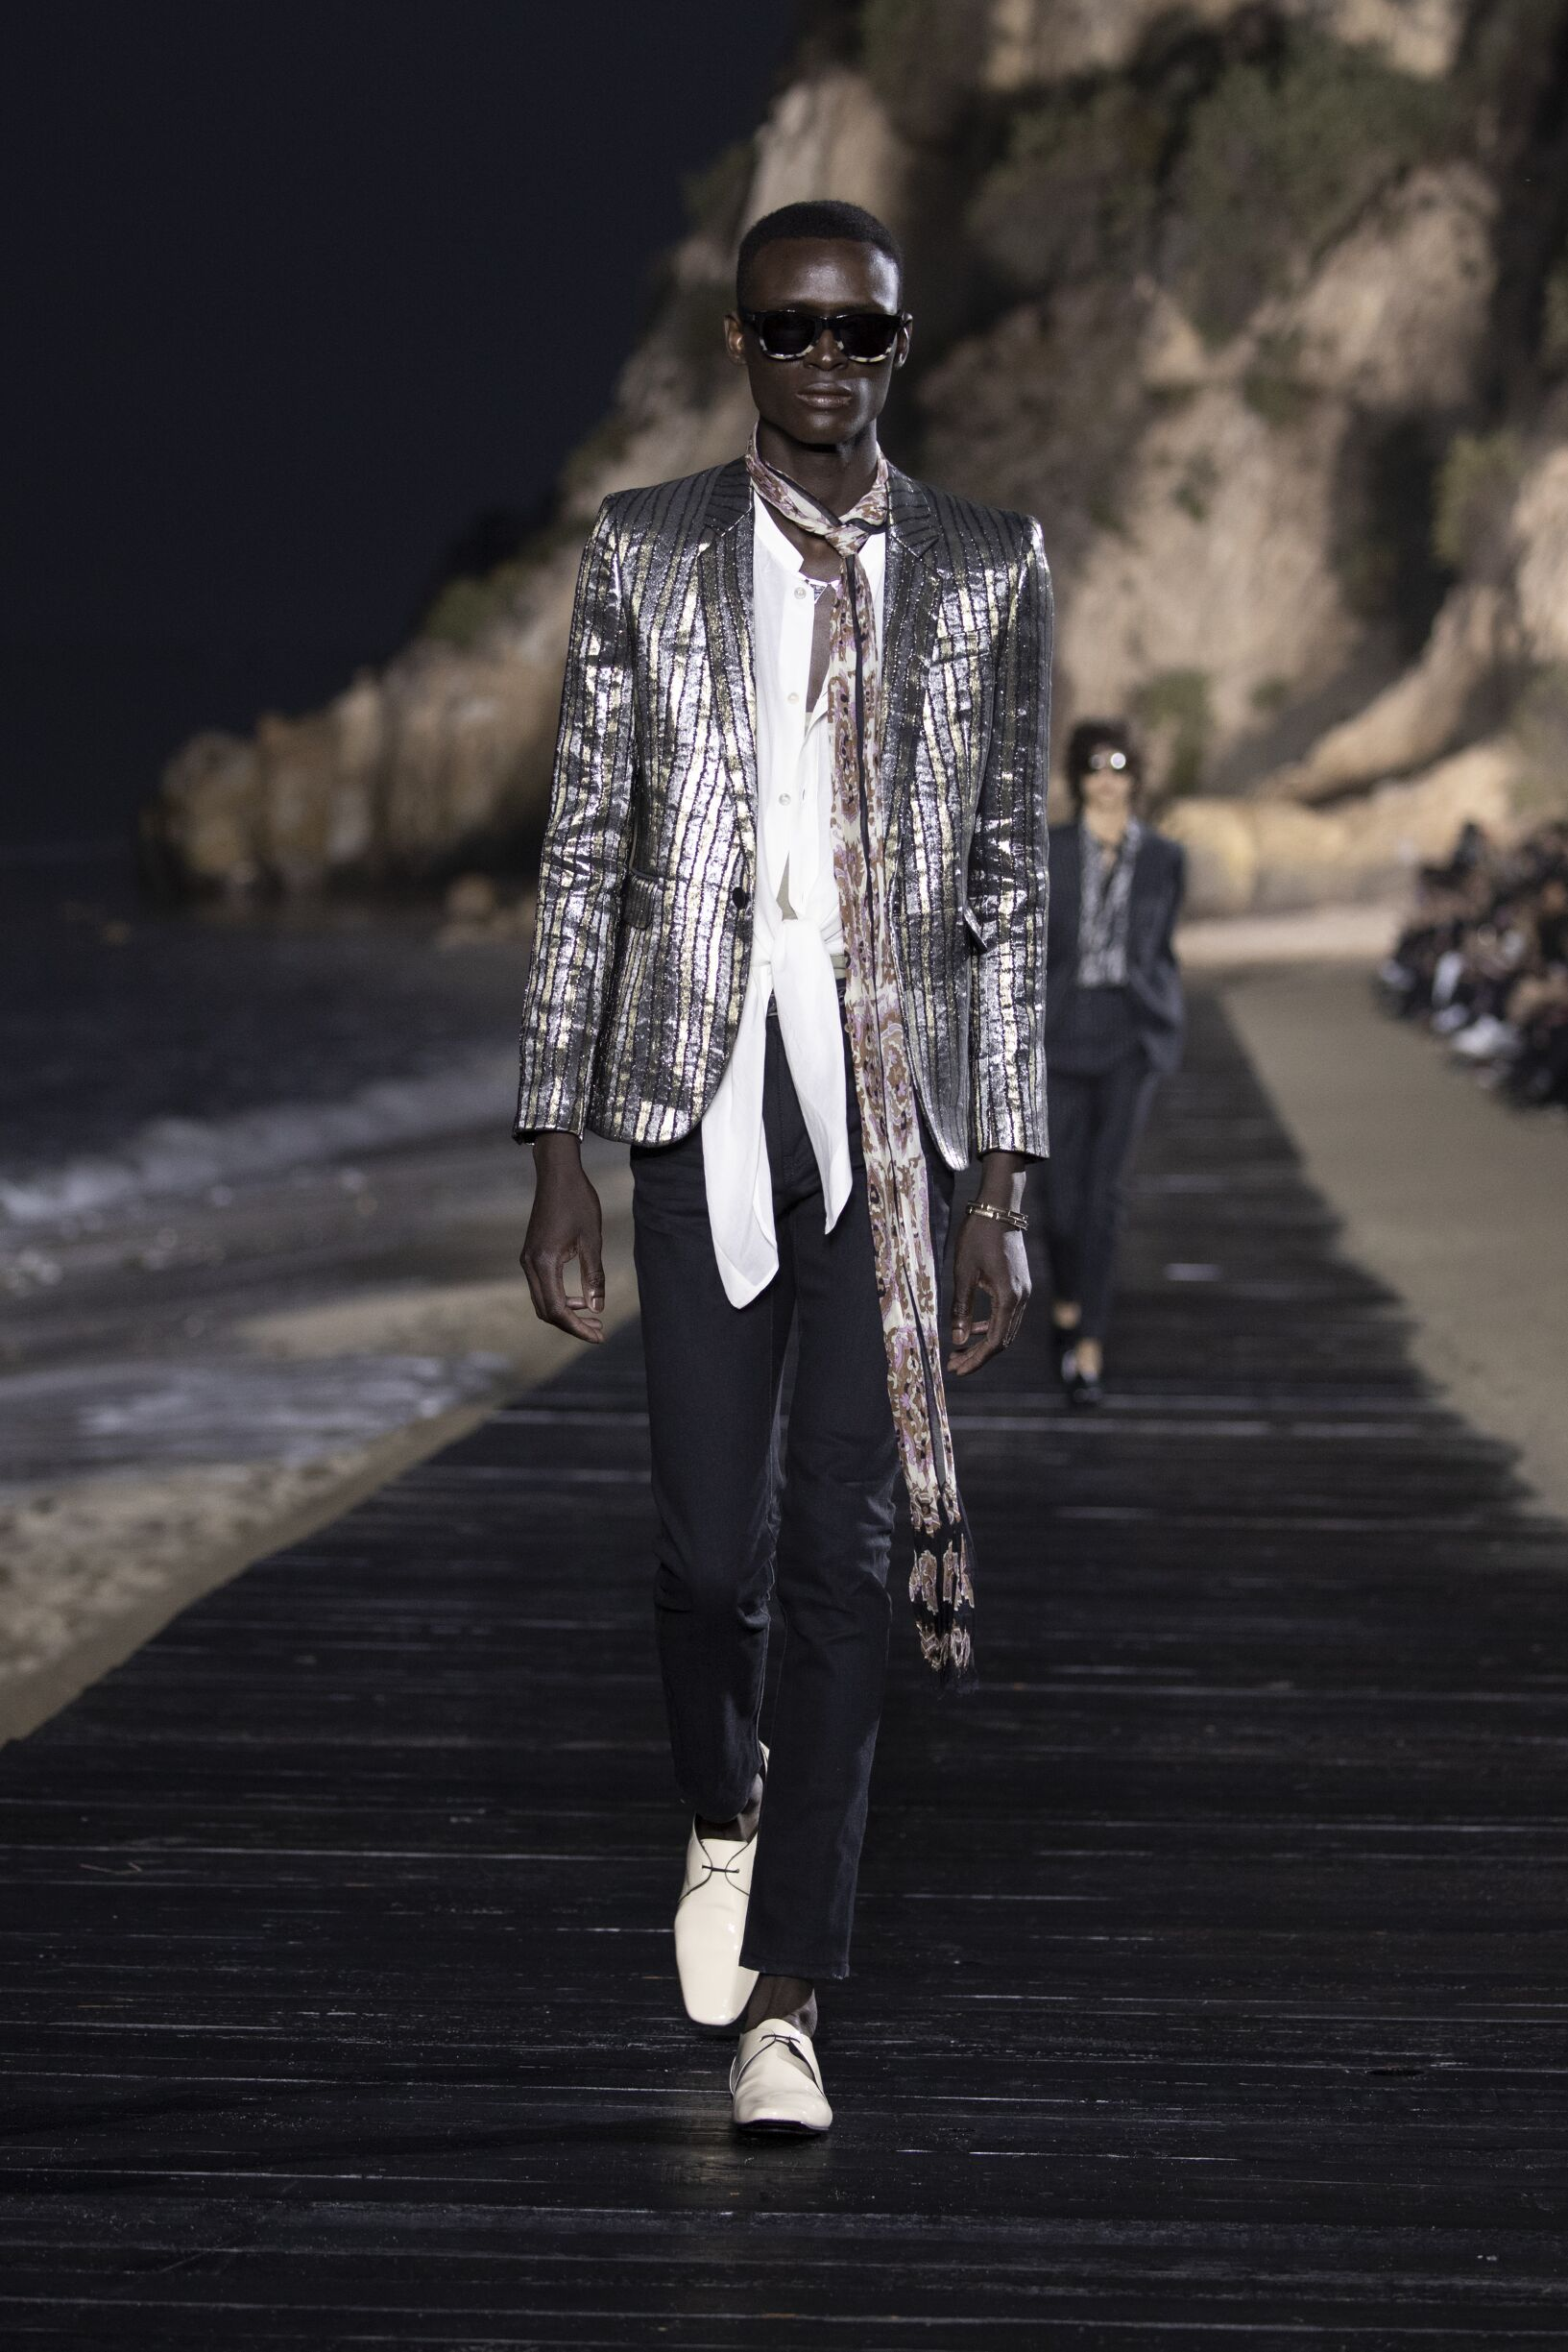 Saint Laurent Malibu Fashion Show